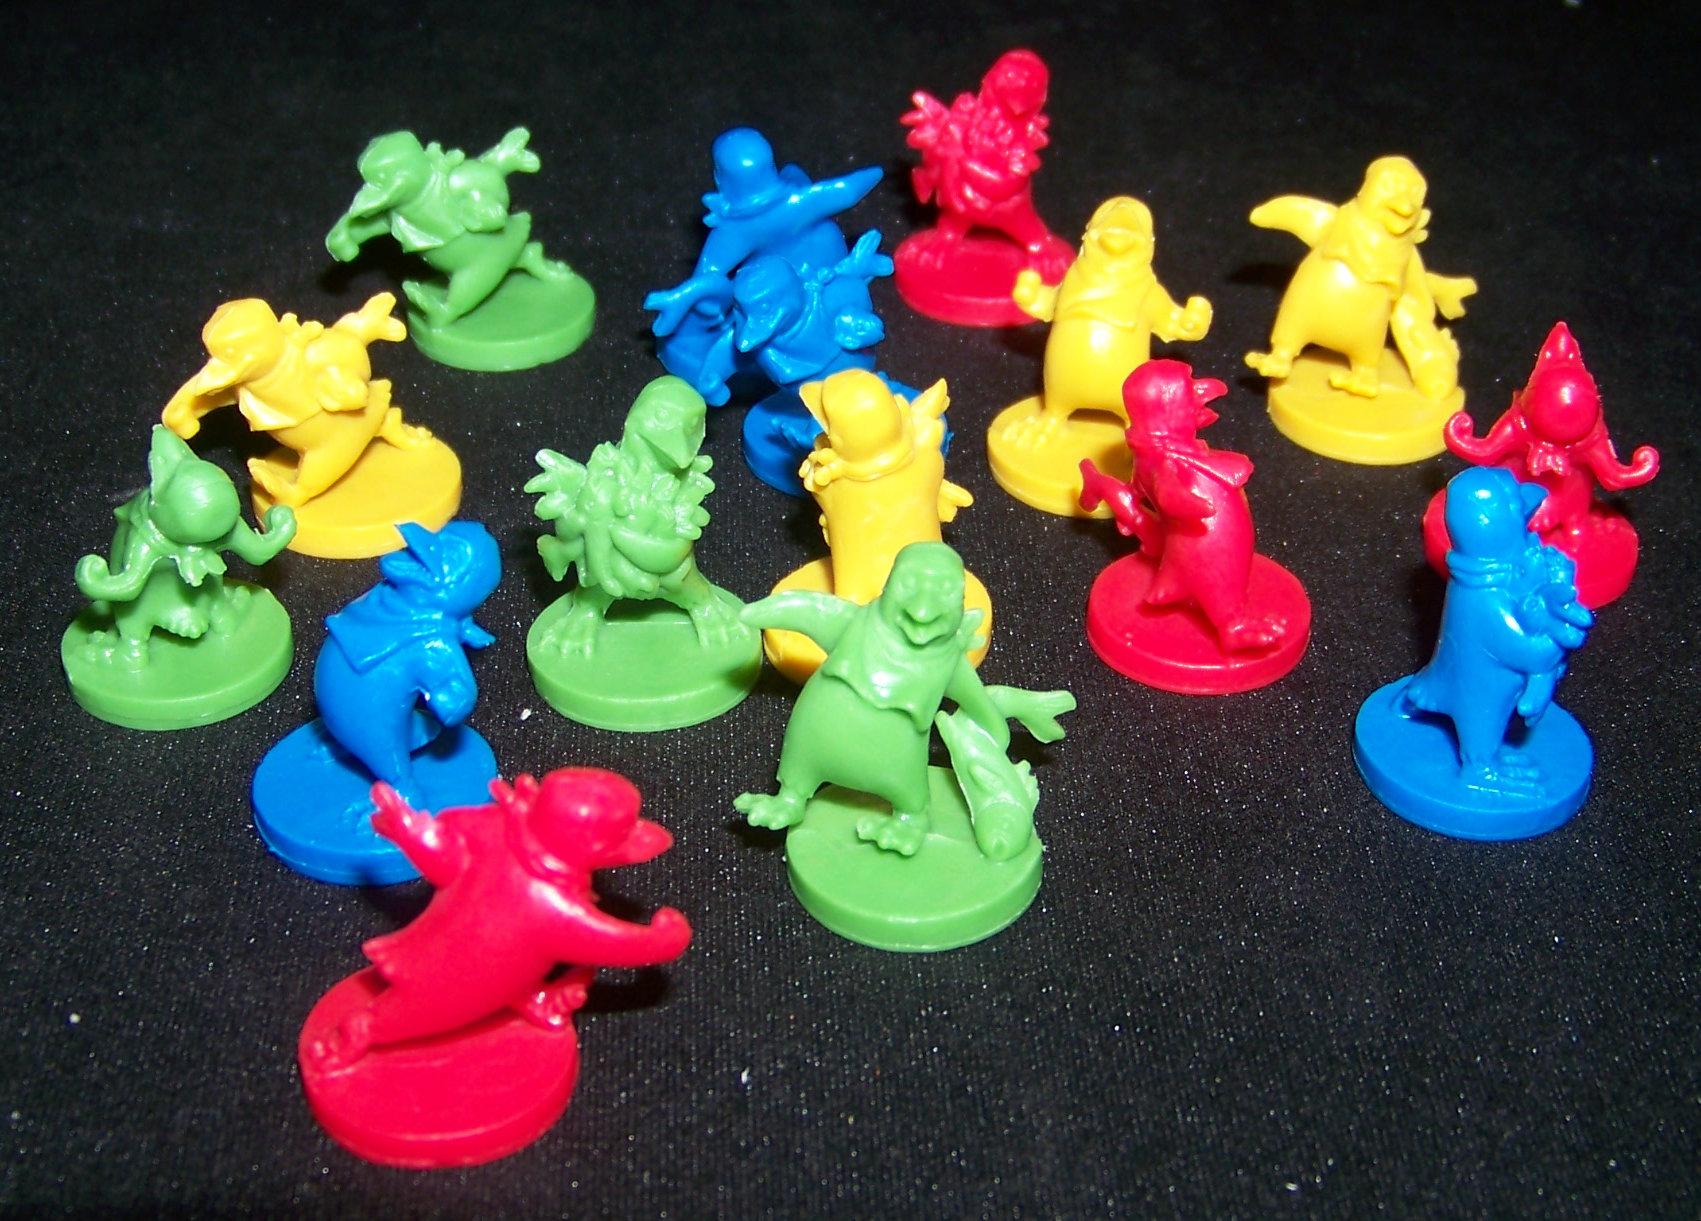 Juego de mesa Pingüinios - detalle de miniaturas